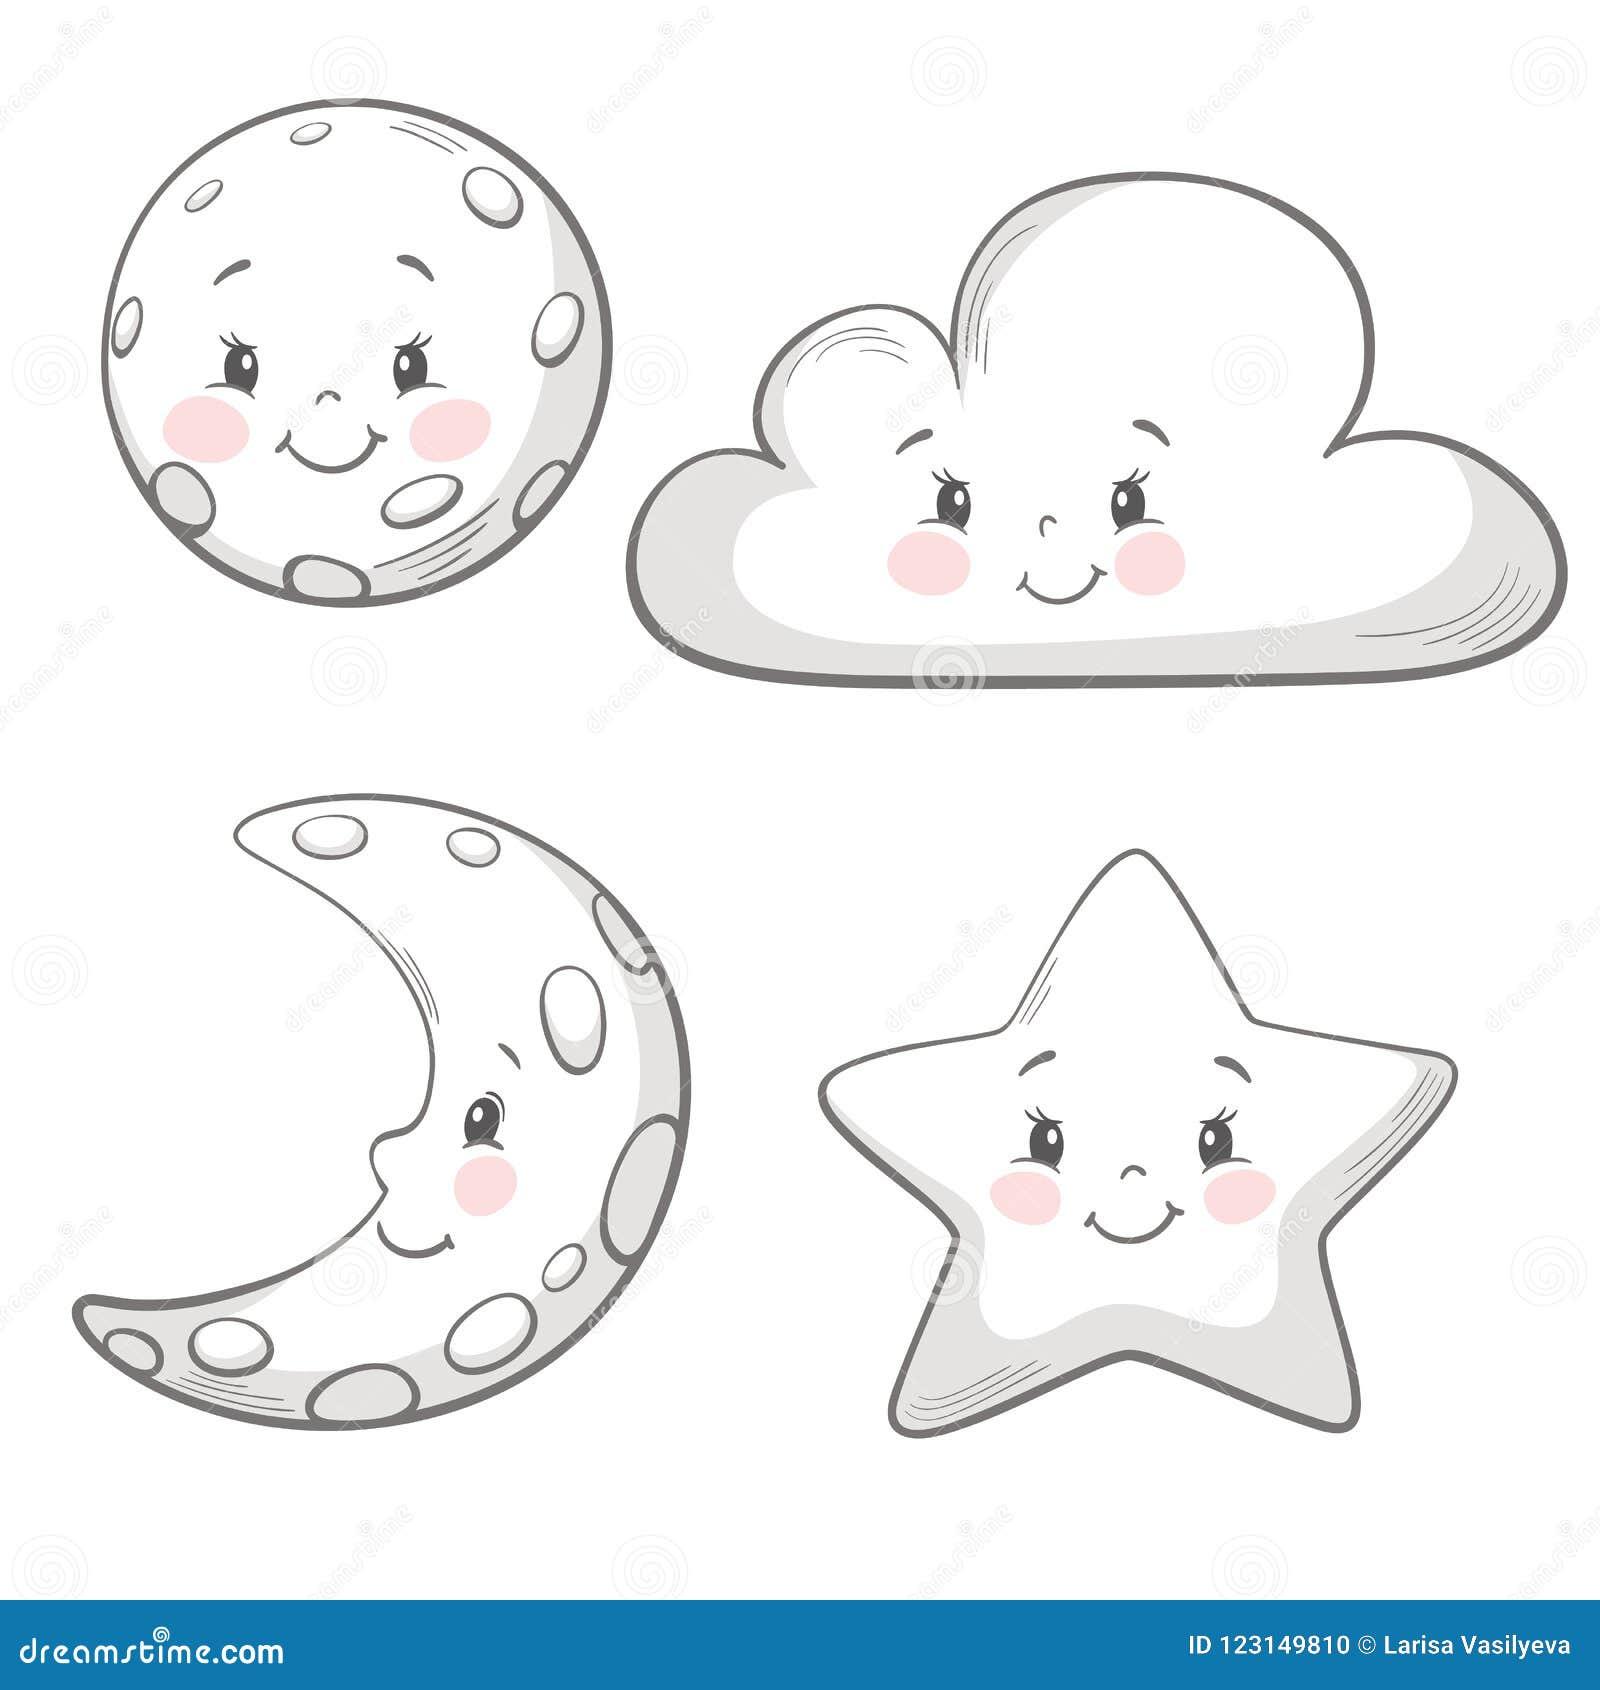 月亮,云彩,星